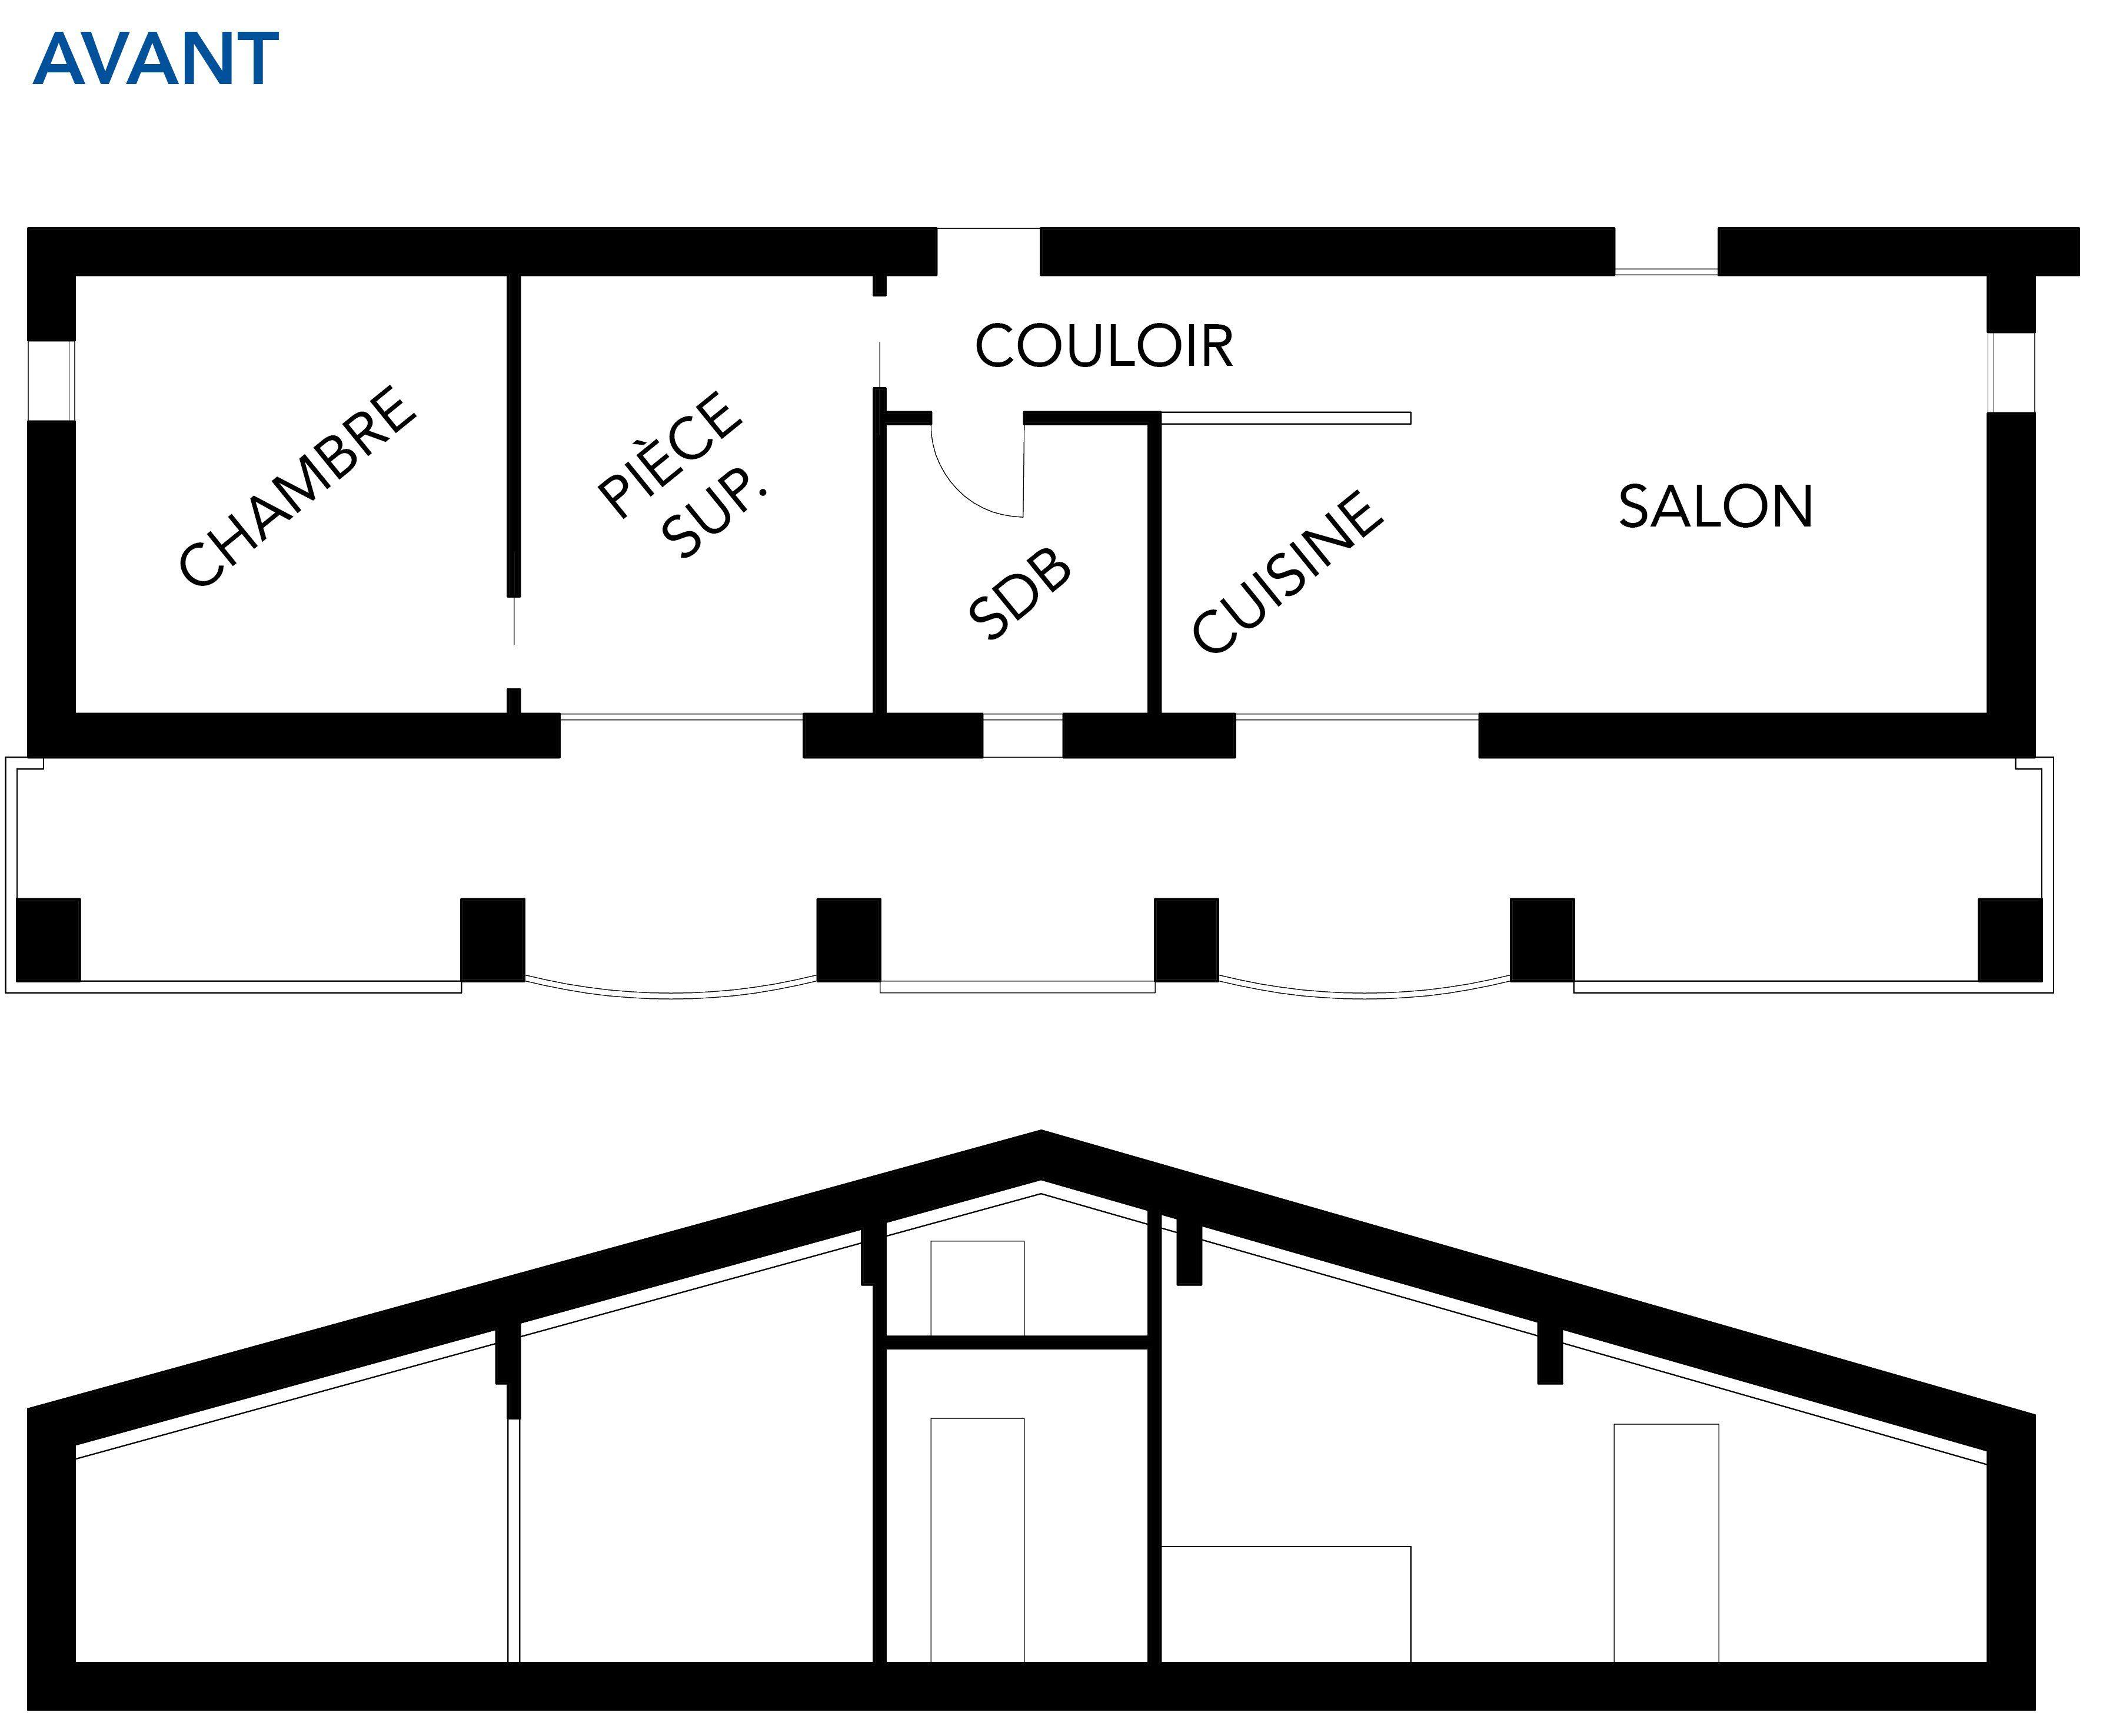 Schéma de l'appartement avant le projet